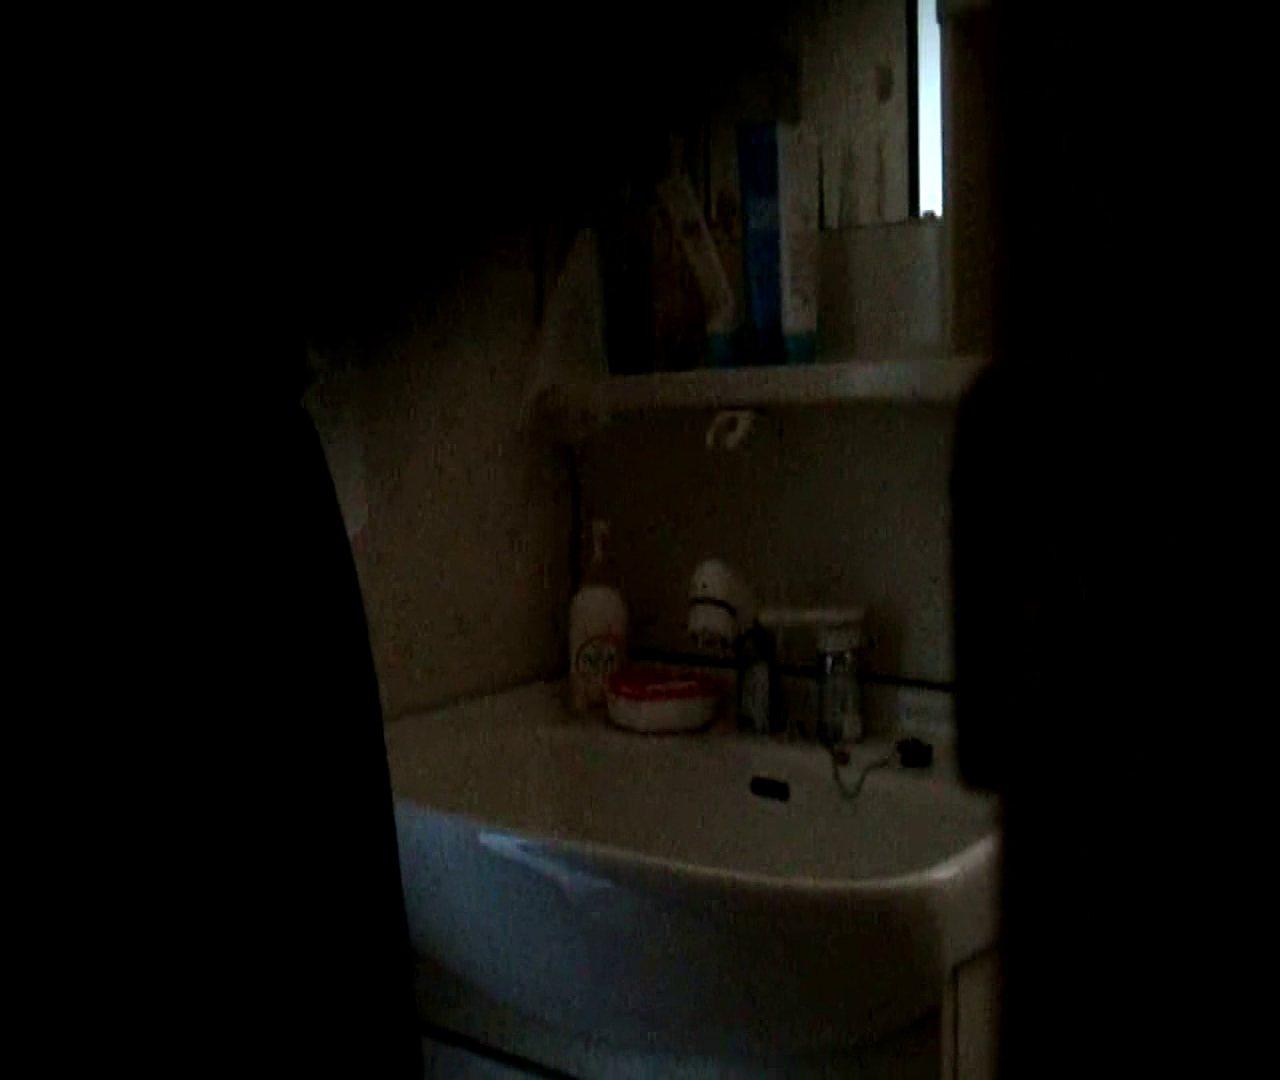 二人とも育てた甲斐がありました… vol.05 まどかが洗顔後にブラを洗濯 美しいOLの裸体  102pic 6